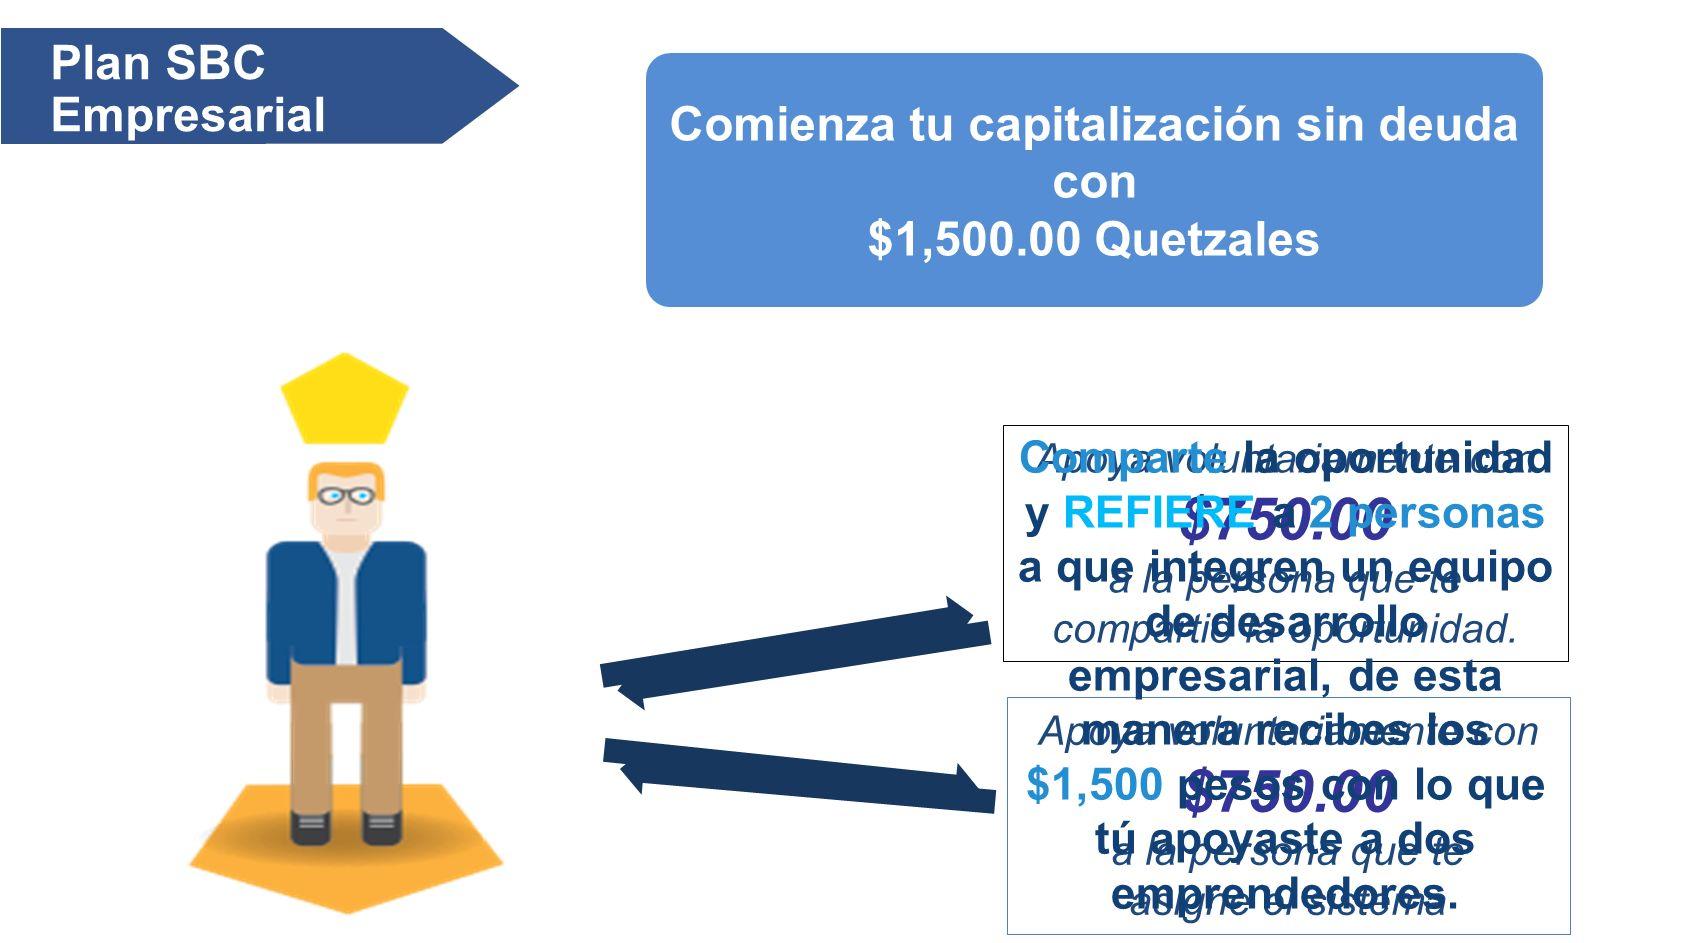 Plan SBC Empresarial Comienza tu capitalización sin deuda con $1,500.00 Quetzales Apoya voluntariamente con $750.00 a la persona que te compartió la o